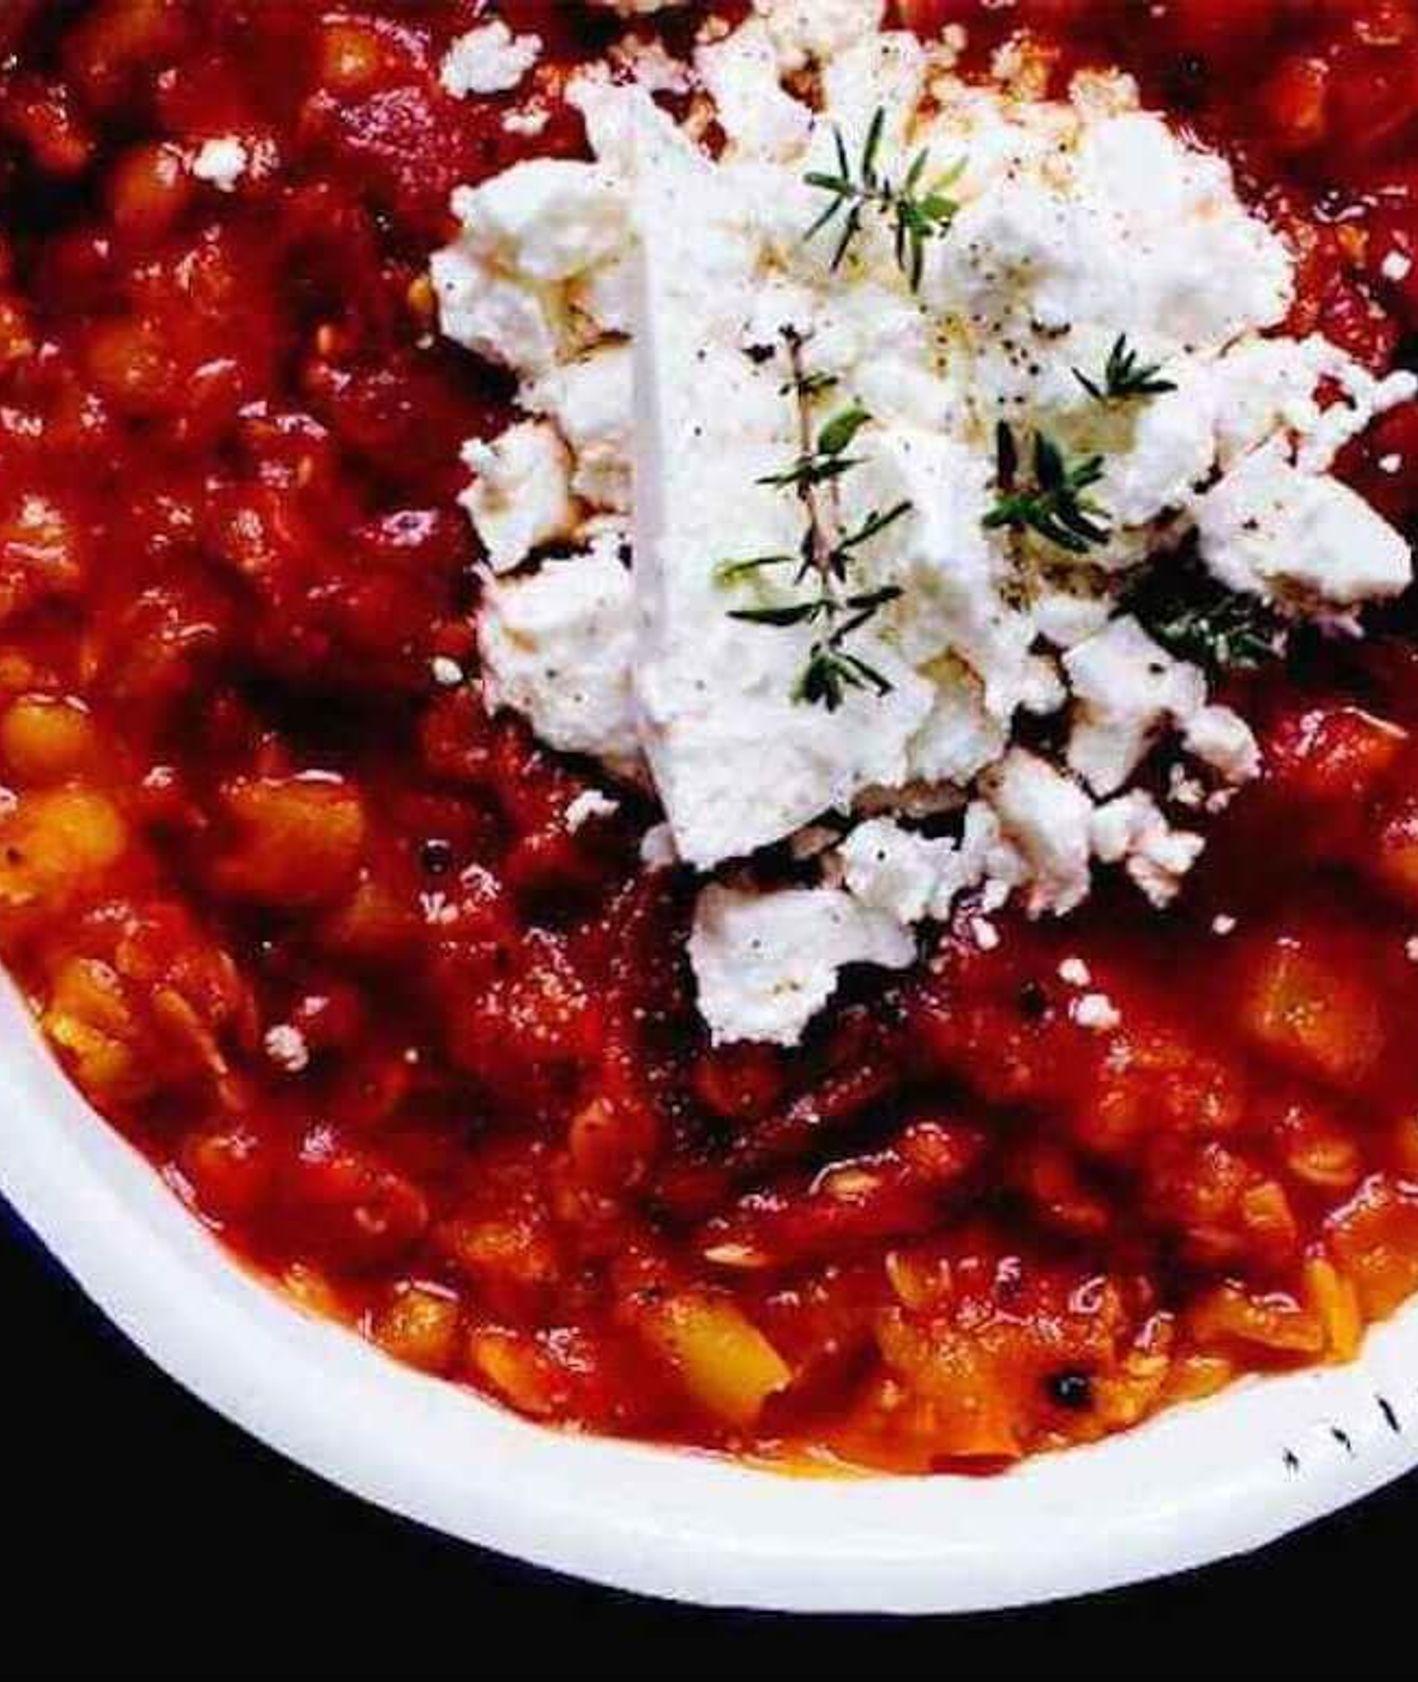 czerwona soczewica z ziemniakami i kruszoną fetą, dahl z soczewicy, prosta zupa z soczewicy, szybki obiad, rozgrzewający obiad, obiad na zimę, soczewica w pomidorach, pomysł na lunchbox